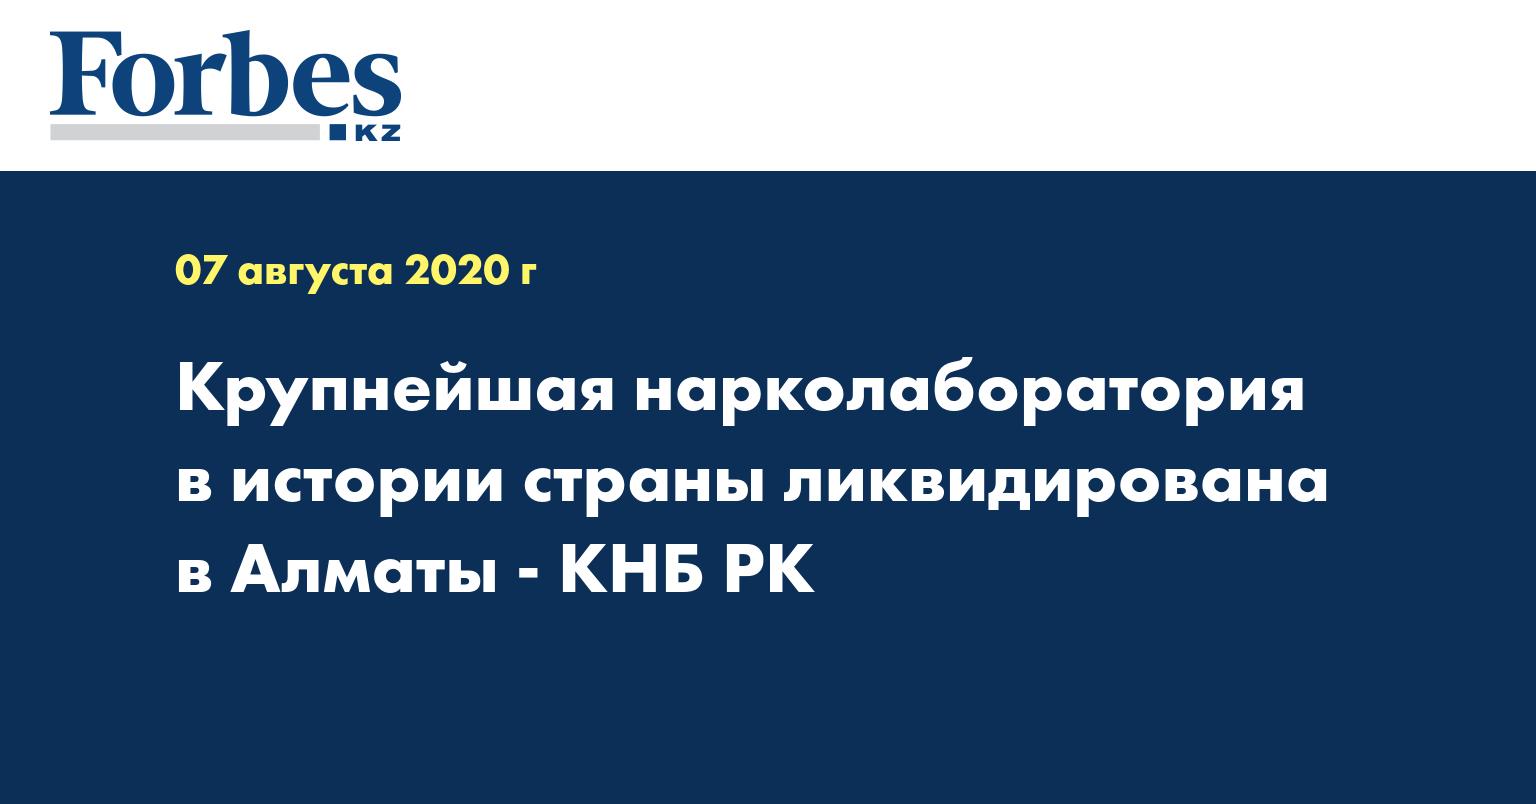 Крупнейшая нарколаборатория в истории страны ликвидирована в Алматы - КНБ РК